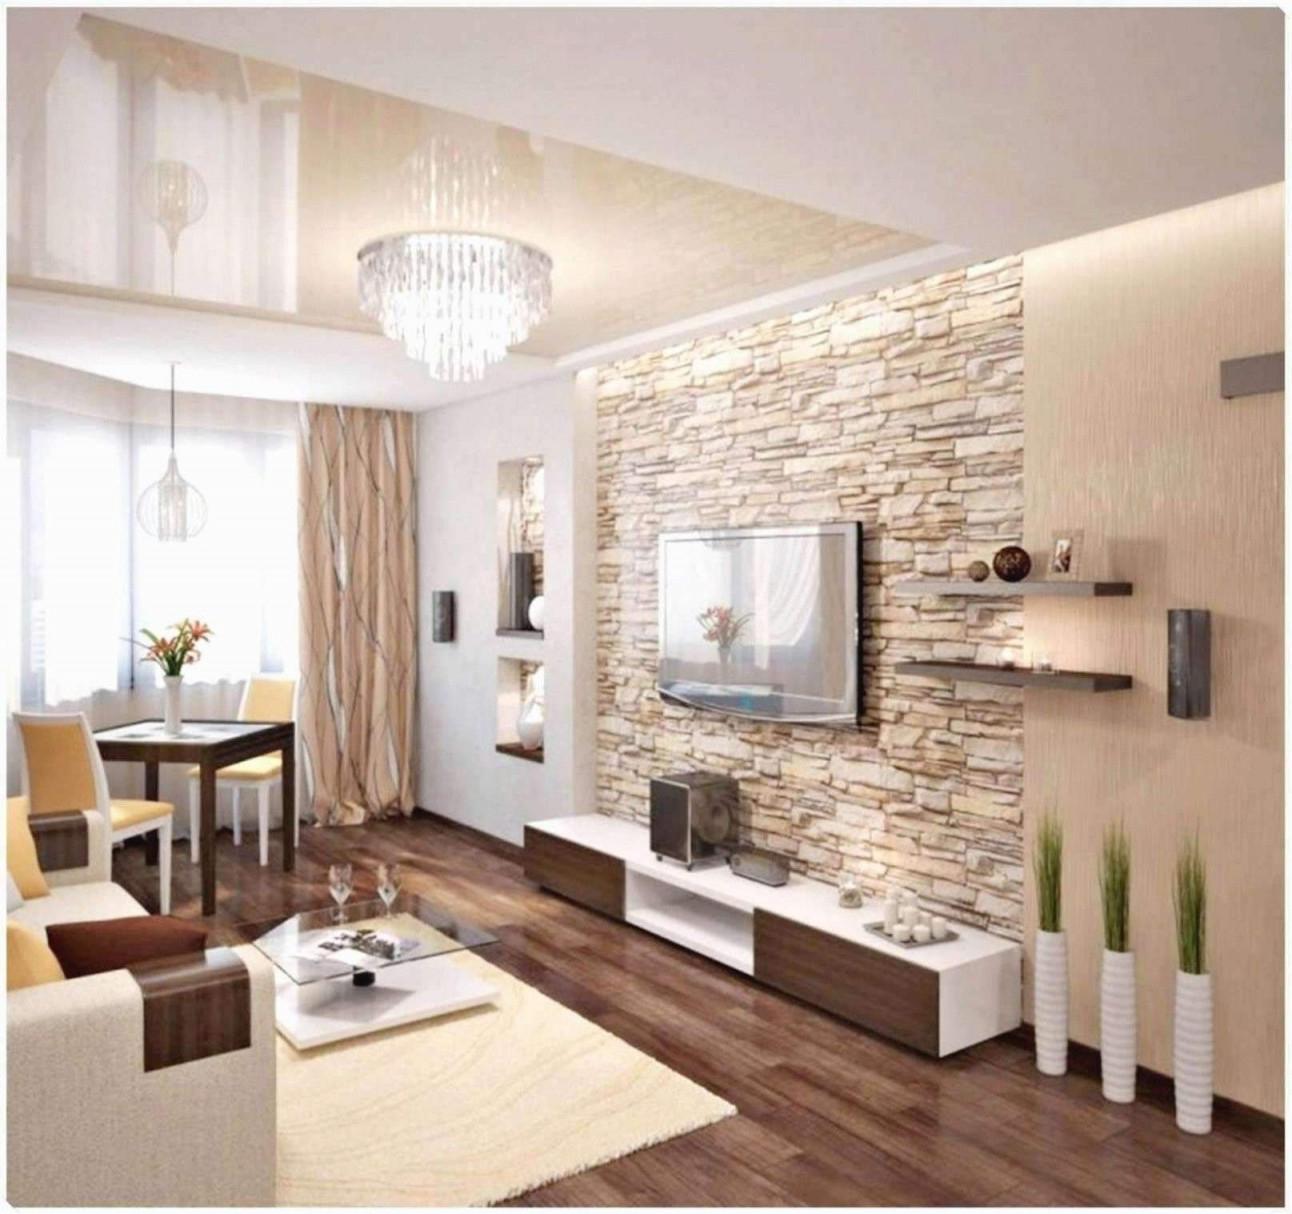 Einrichtung Wohnzimmer Ideen In 2020  Living Room Decor von Bilder Wohnzimmer Ideen Photo